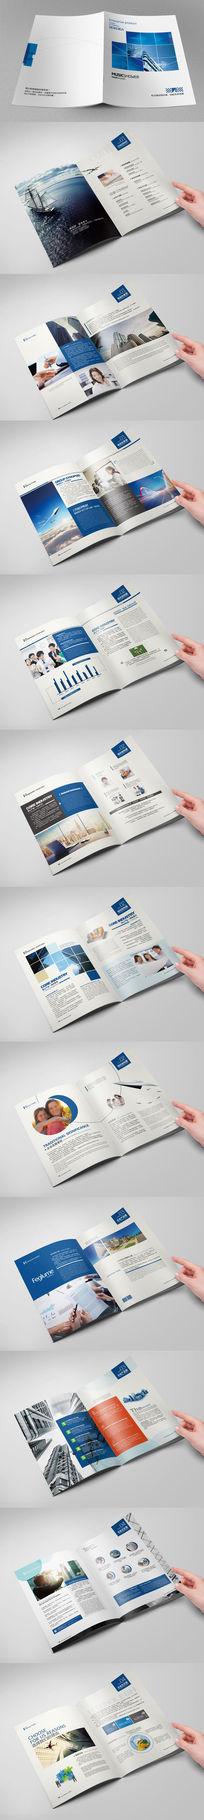 大气简洁企业集团形象画册设计